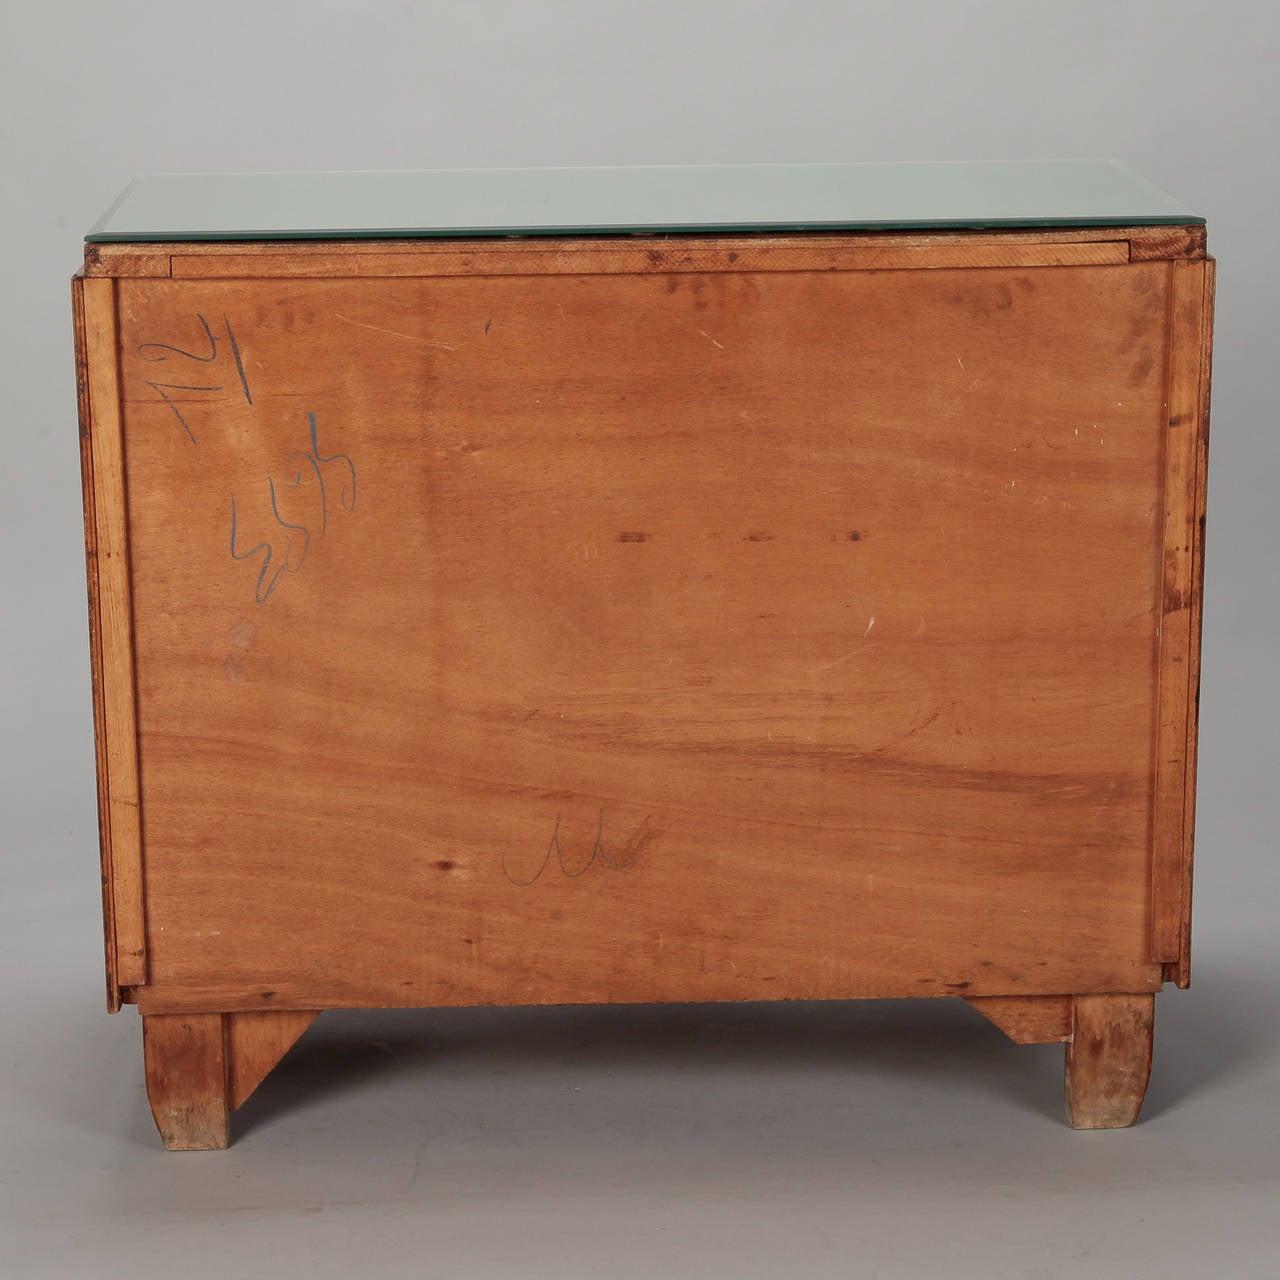 Art Deco Era Mirrored Walnut Chest of Drawers 3